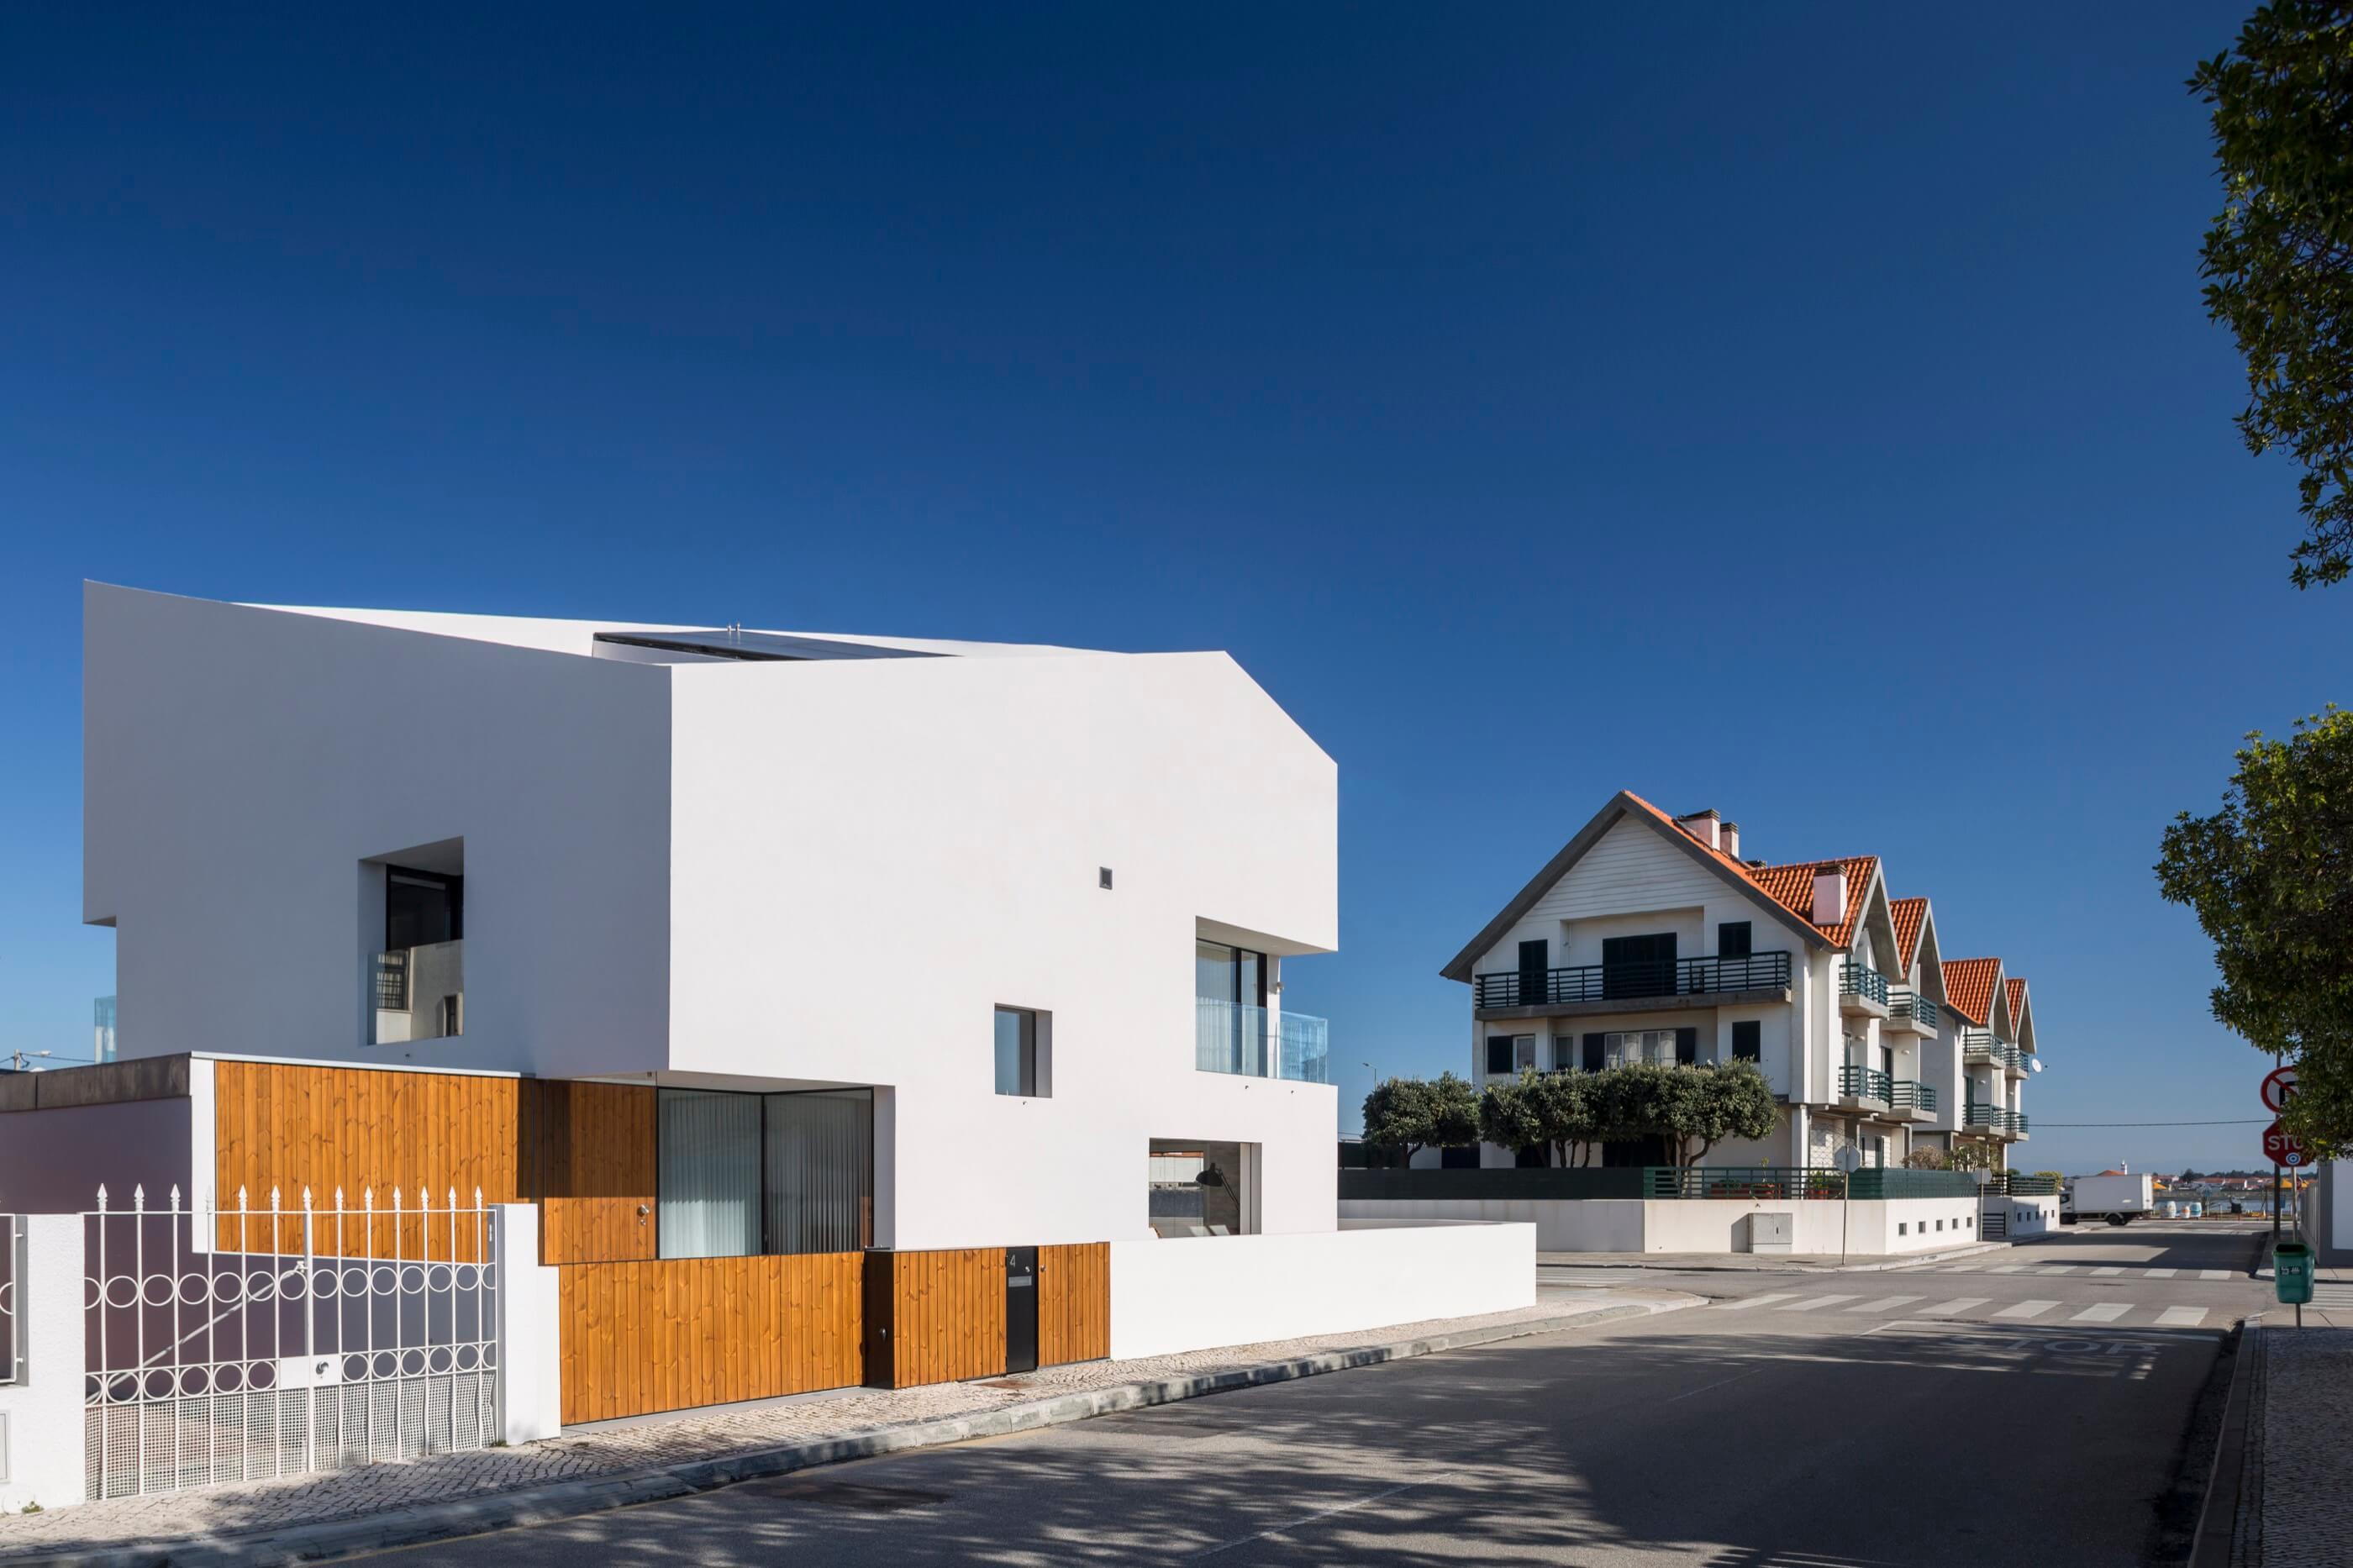 Arquitecto Lousinha Casa Fontes 24 do fotografo Ivo Tavares Studio